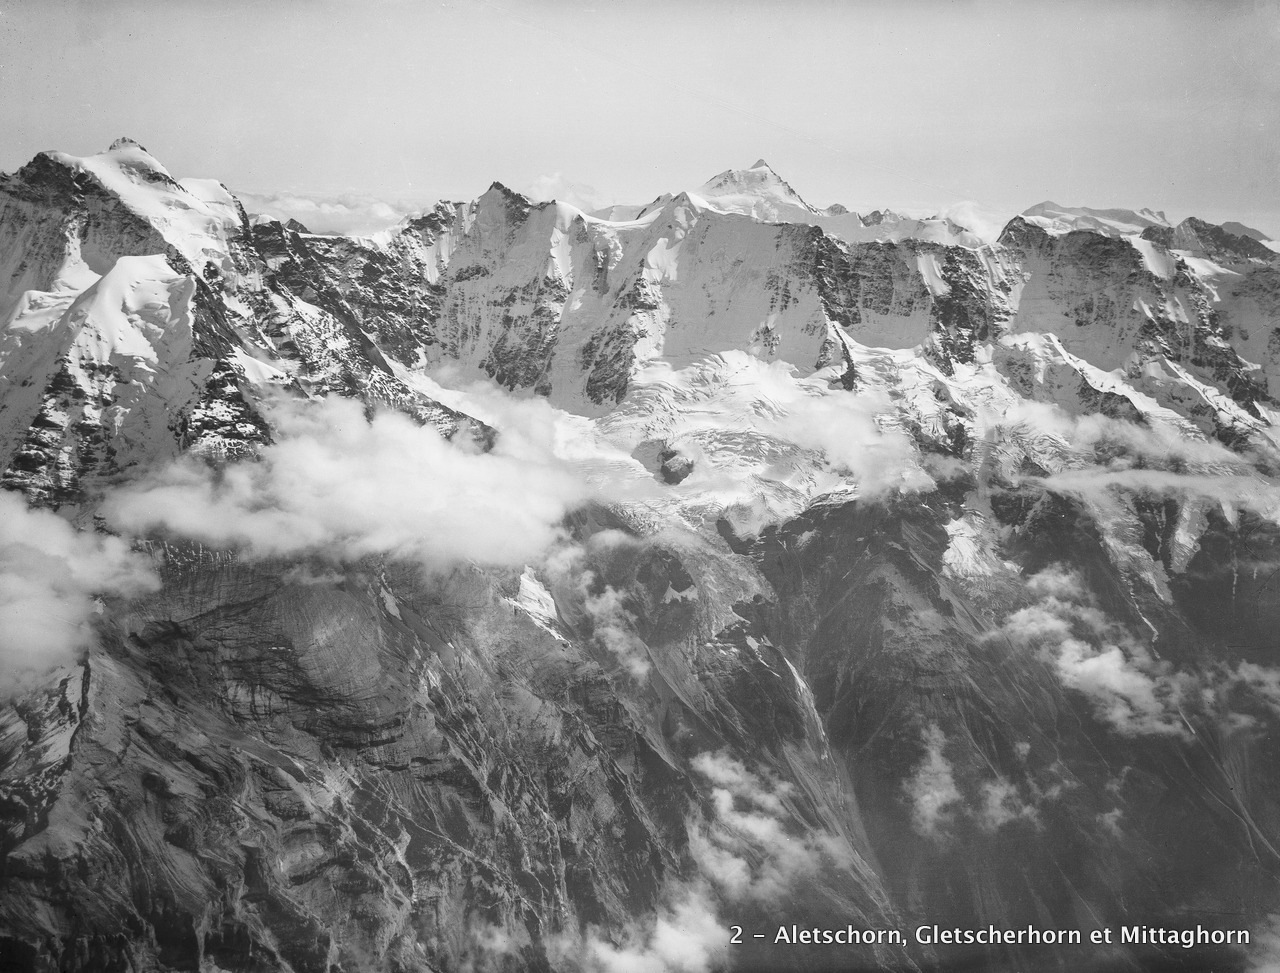 CH-NB_-_Aletschhorn,_Gletscherhorn_und_Mittaghorn_-_Eduard_Spelterini_-_EAD-WEHR-32087-B.tif